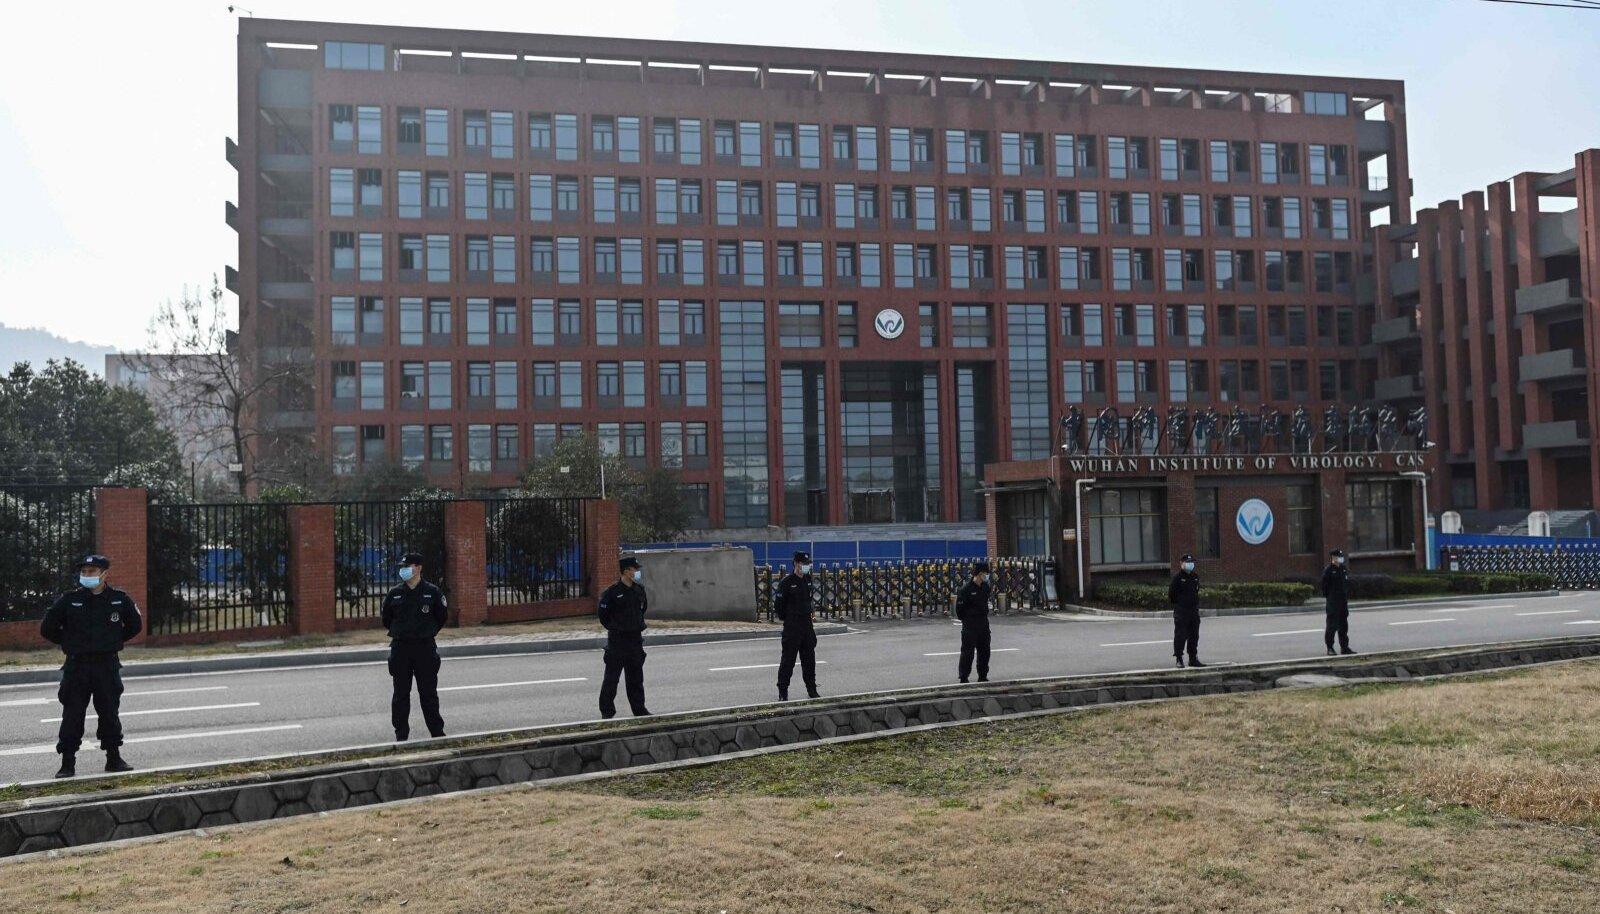 Wuhani viroloogiainstituut WHO uurimisrühma külastuse ajal